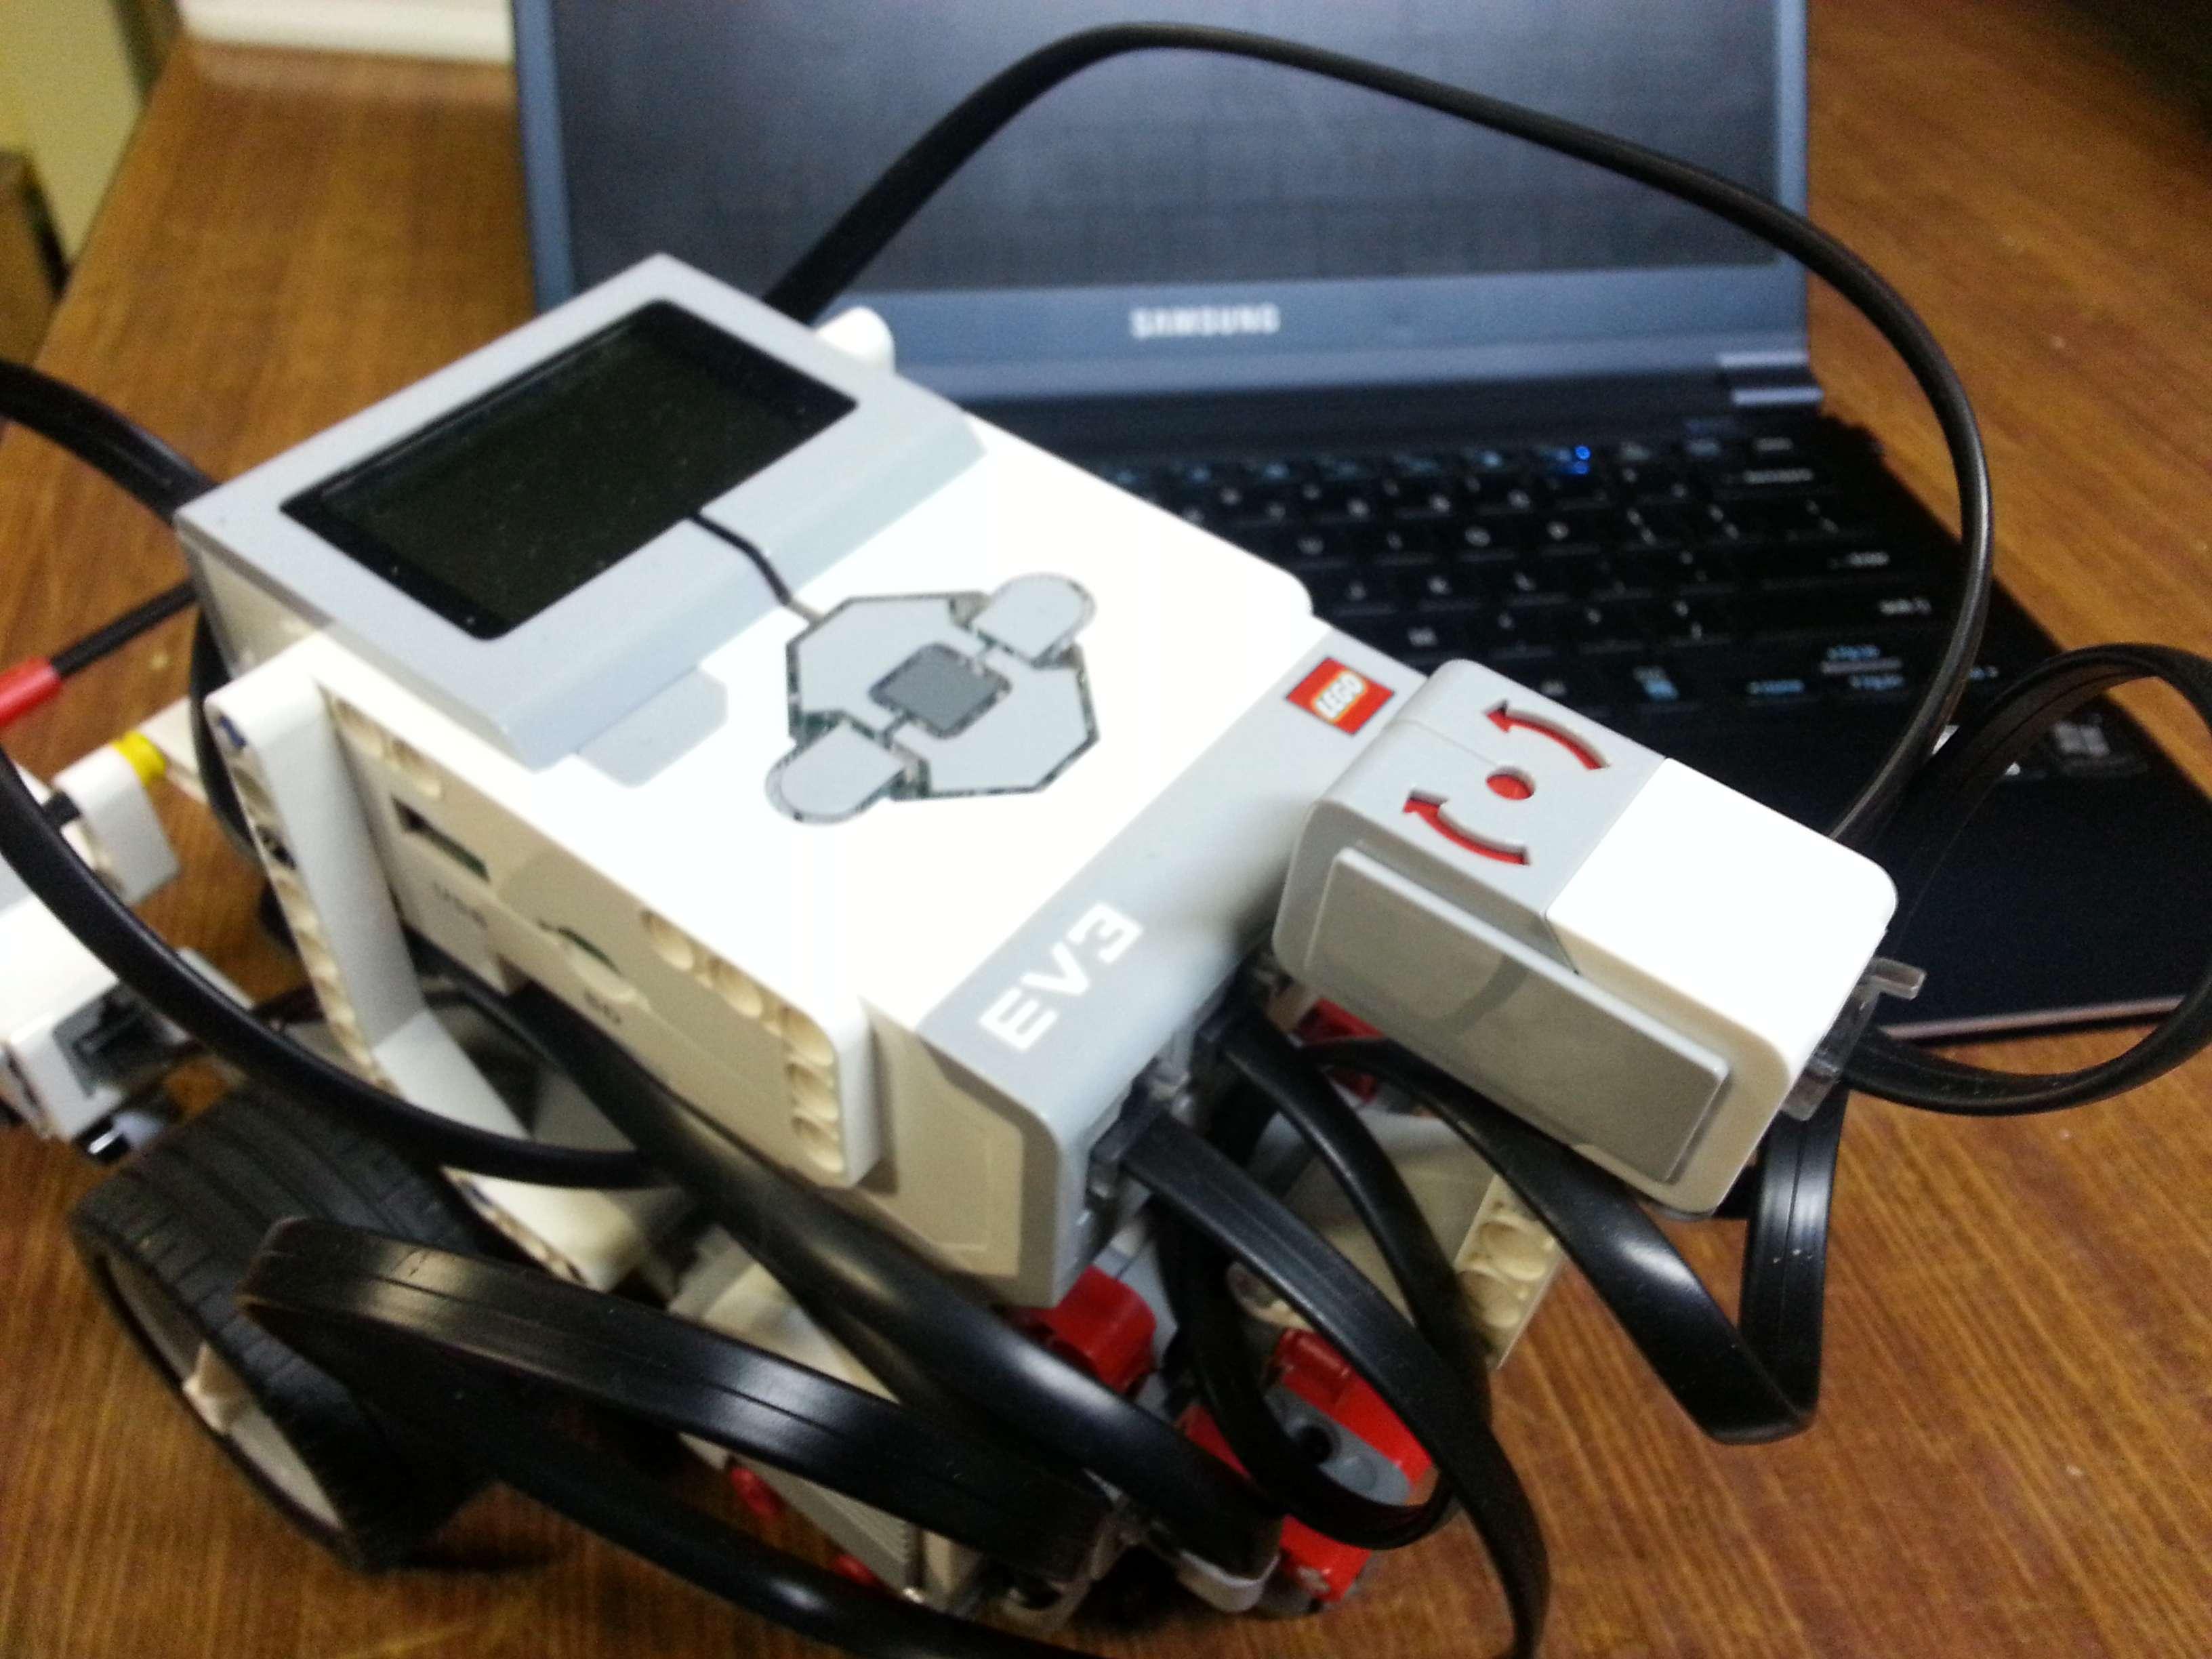 EV3 Lego robotics